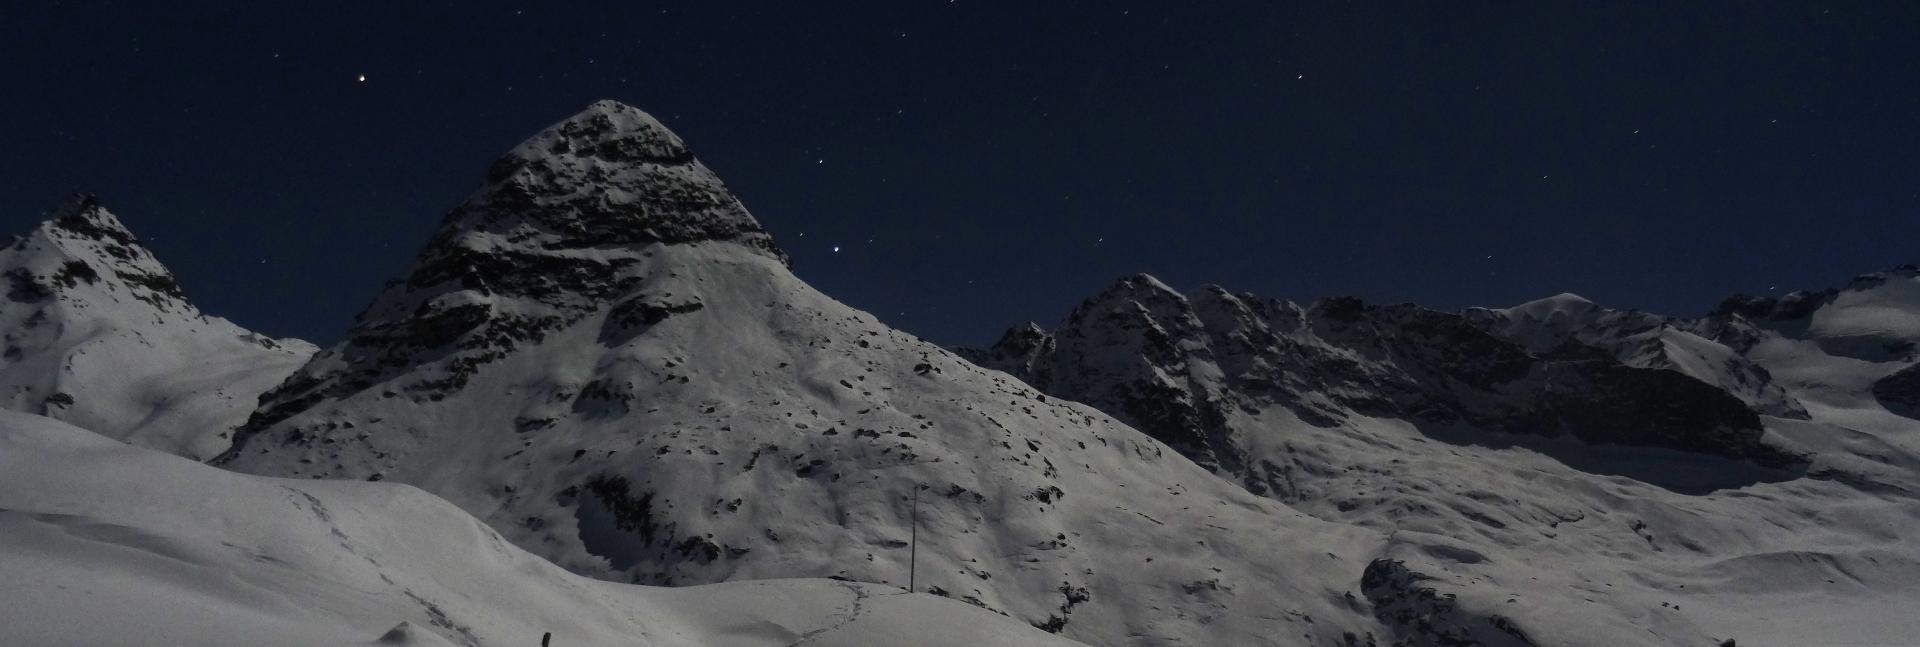 Nocturne hiver en raquettes à neige